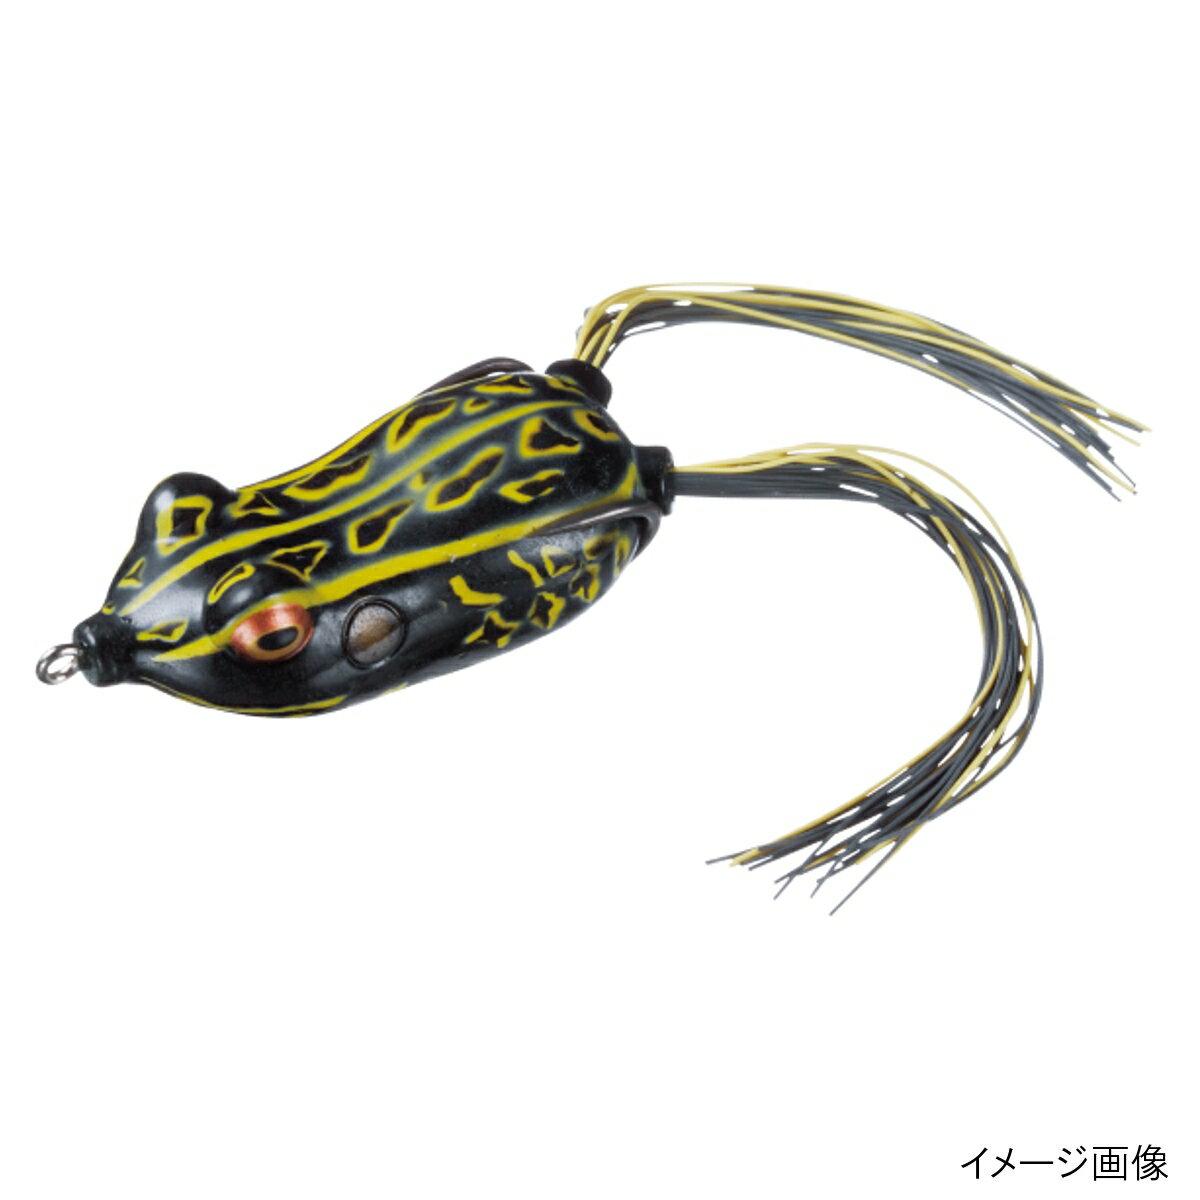 ダイワ スティーズ フロッグJr. ブラックイエロー(東日本店)